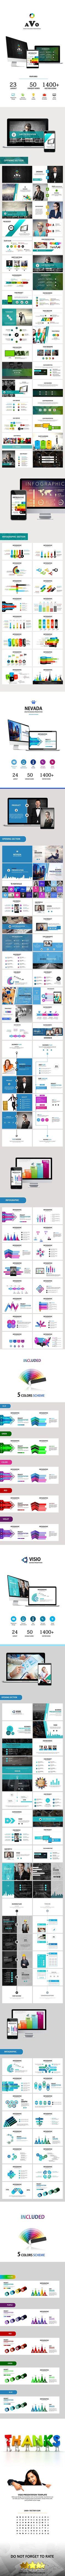 3 IN 1 -  Bundle Keynote Business Presentation Template #slides #design Download: http://graphicriver.net/item/3-in-1-bundle-keynote-business-presentation/13659351?ref=ksioks